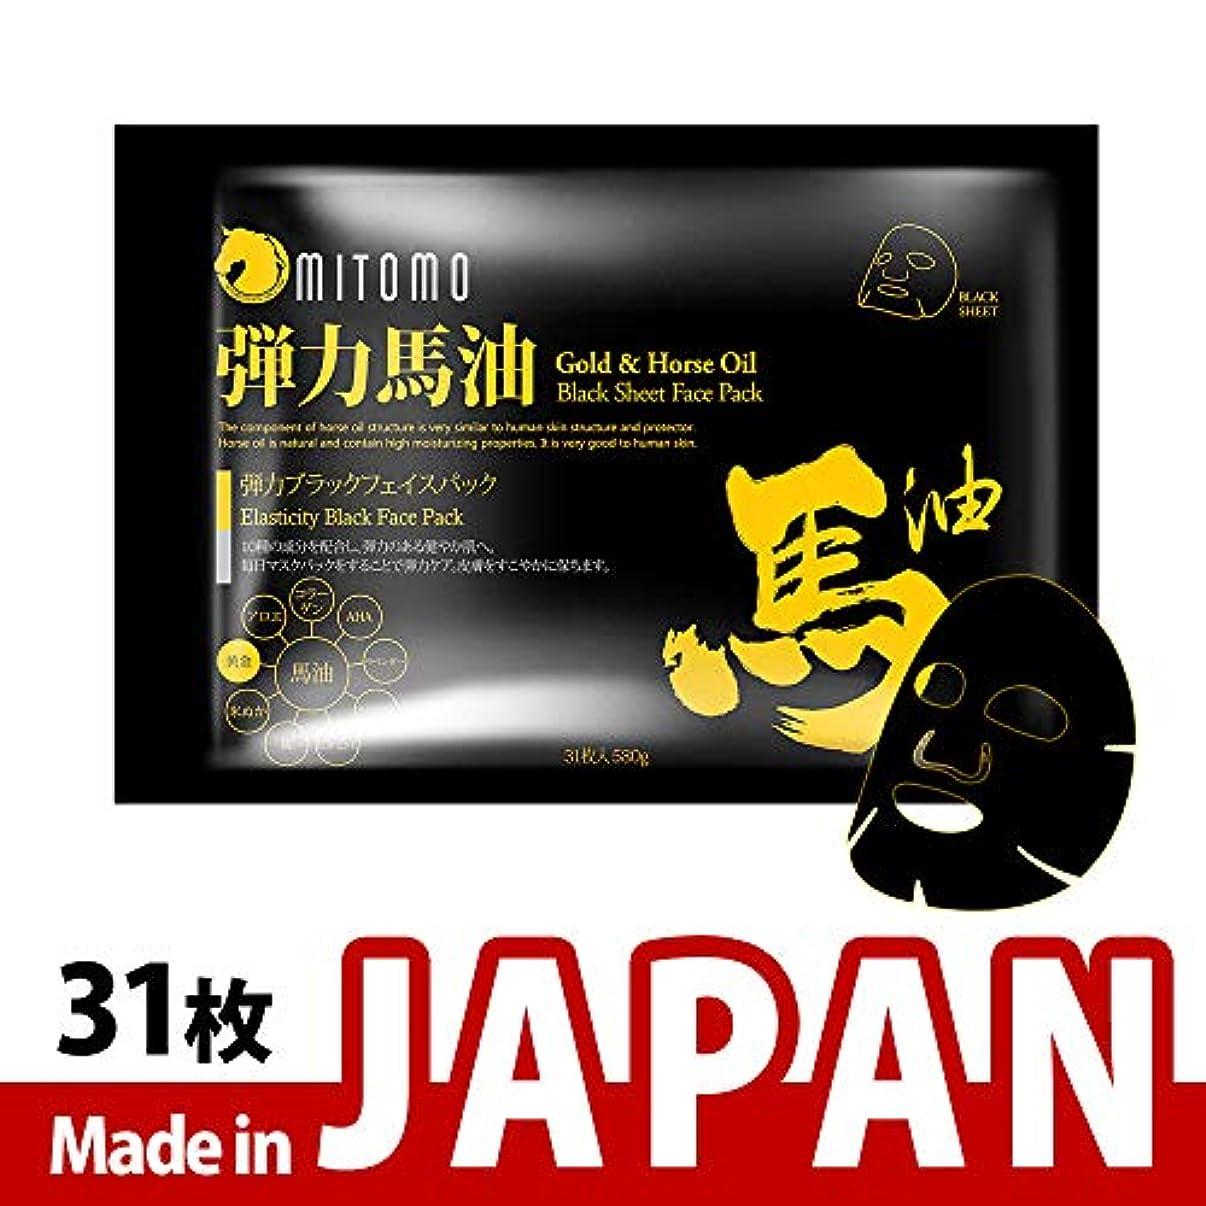 二週間好奇心盛息を切らしてMITOMO【MC740-C-0】日本製弾力ブラックフェイスパック/31枚入り/31枚/美容液/マスクパック/送料無料